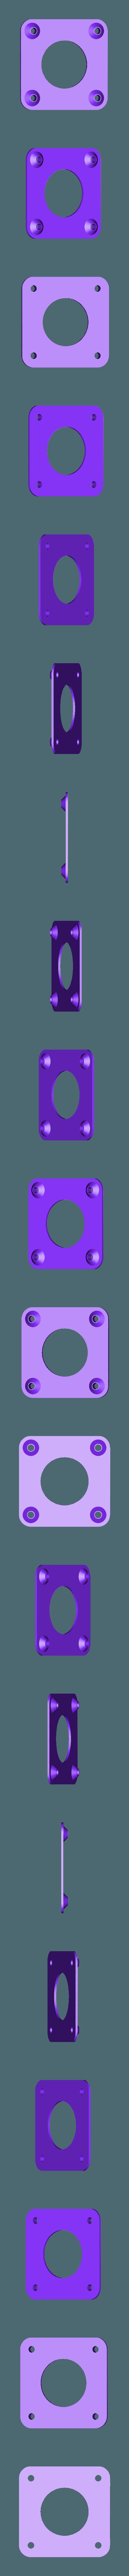 Nema17_Gasket_v1-0_PolyFlex.STL Télécharger fichier STL gratuit Montage moteur décalé (RigidBot) • Plan pour impression 3D, WalterHsiao